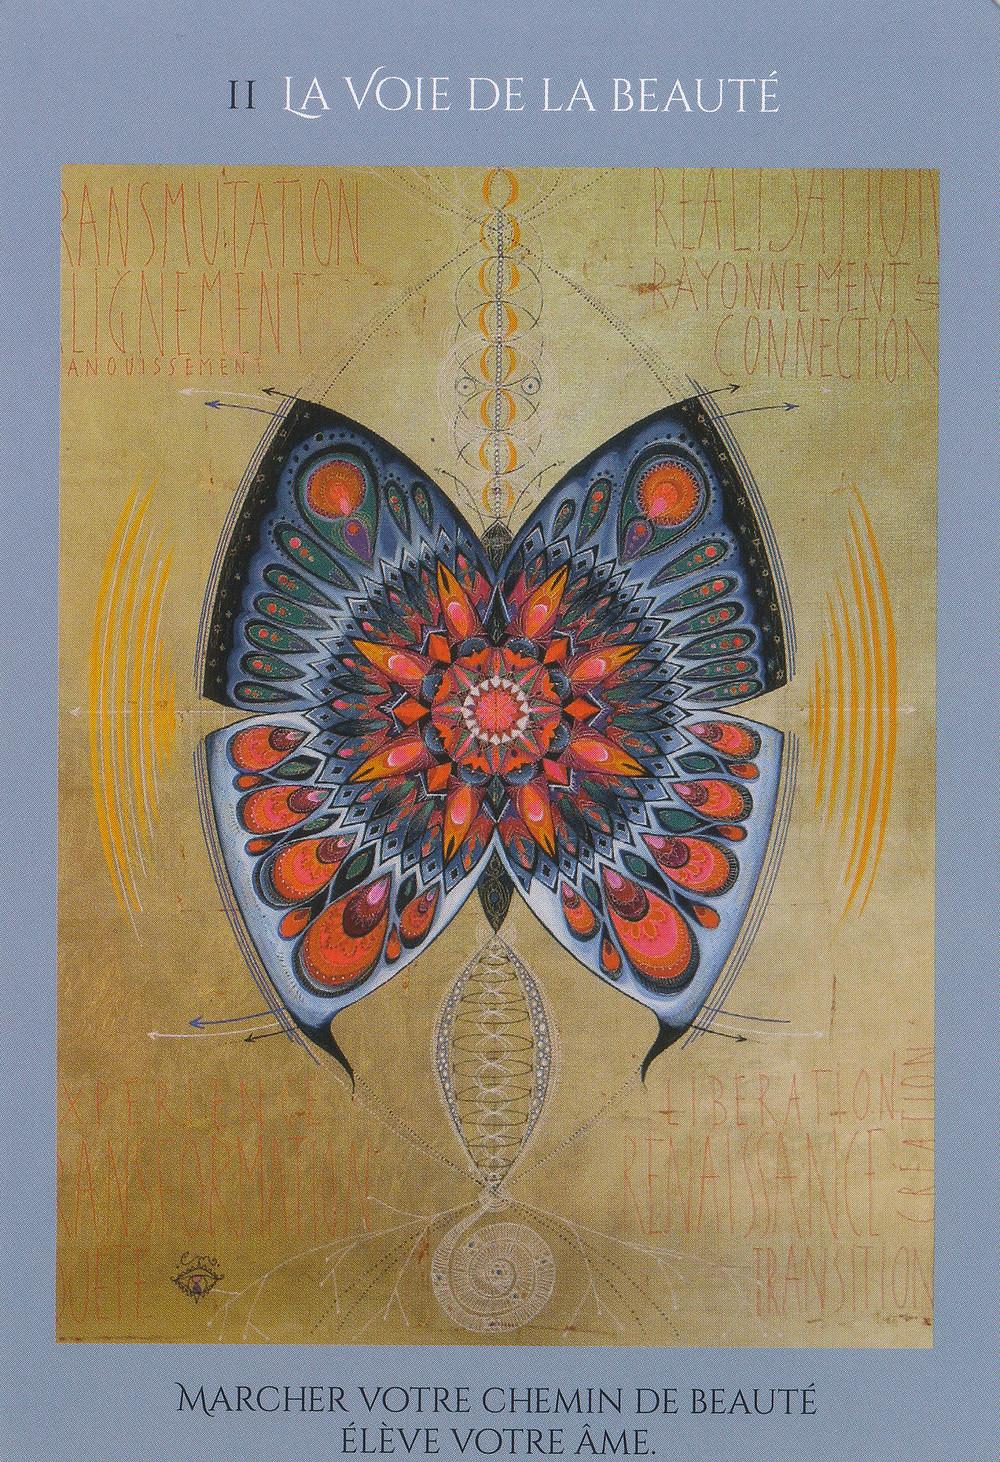 Carte de L'Oracle des femmes médecine de Catherine Maillard - Énergies du 12 au 18 Avril 2021 (Nouvelle Lune) : Cultiver la Beauté pour se régénérer et s'élever - Guérison du Coeur et de l'enfant intérieur